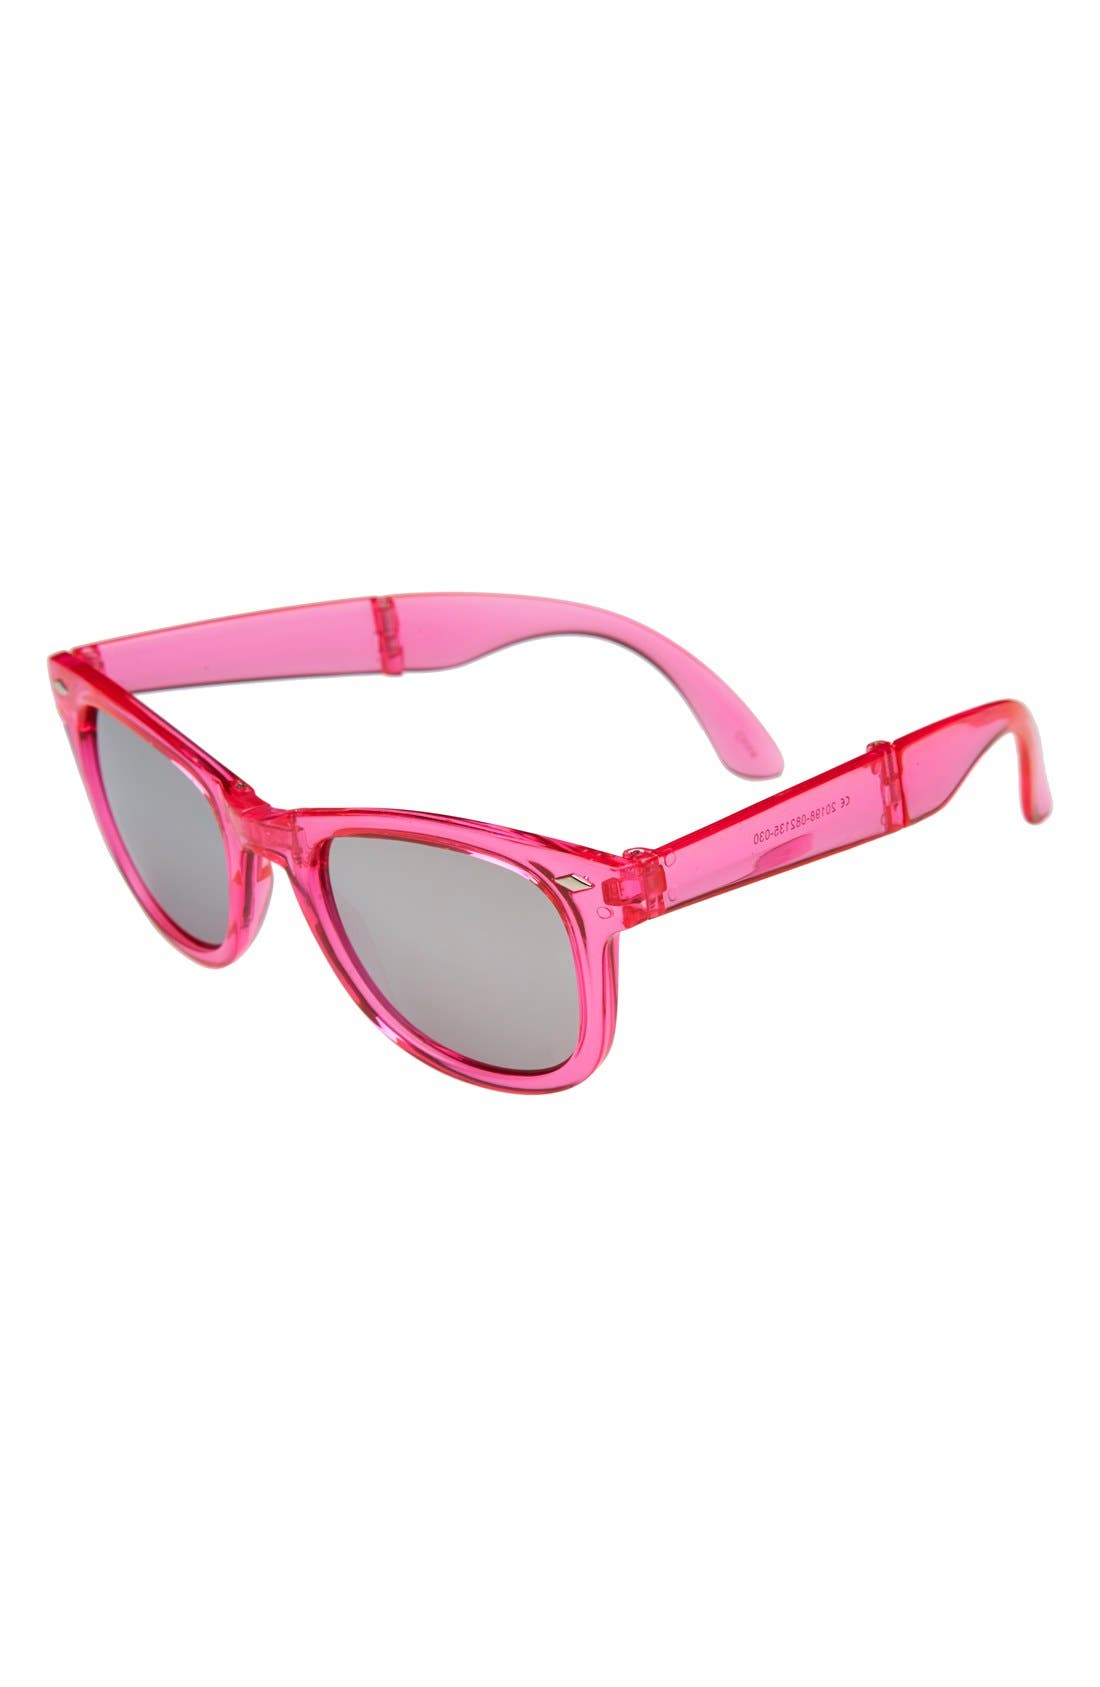 Main Image - Icon Eyewear Foldable Sunglasses (Girls)